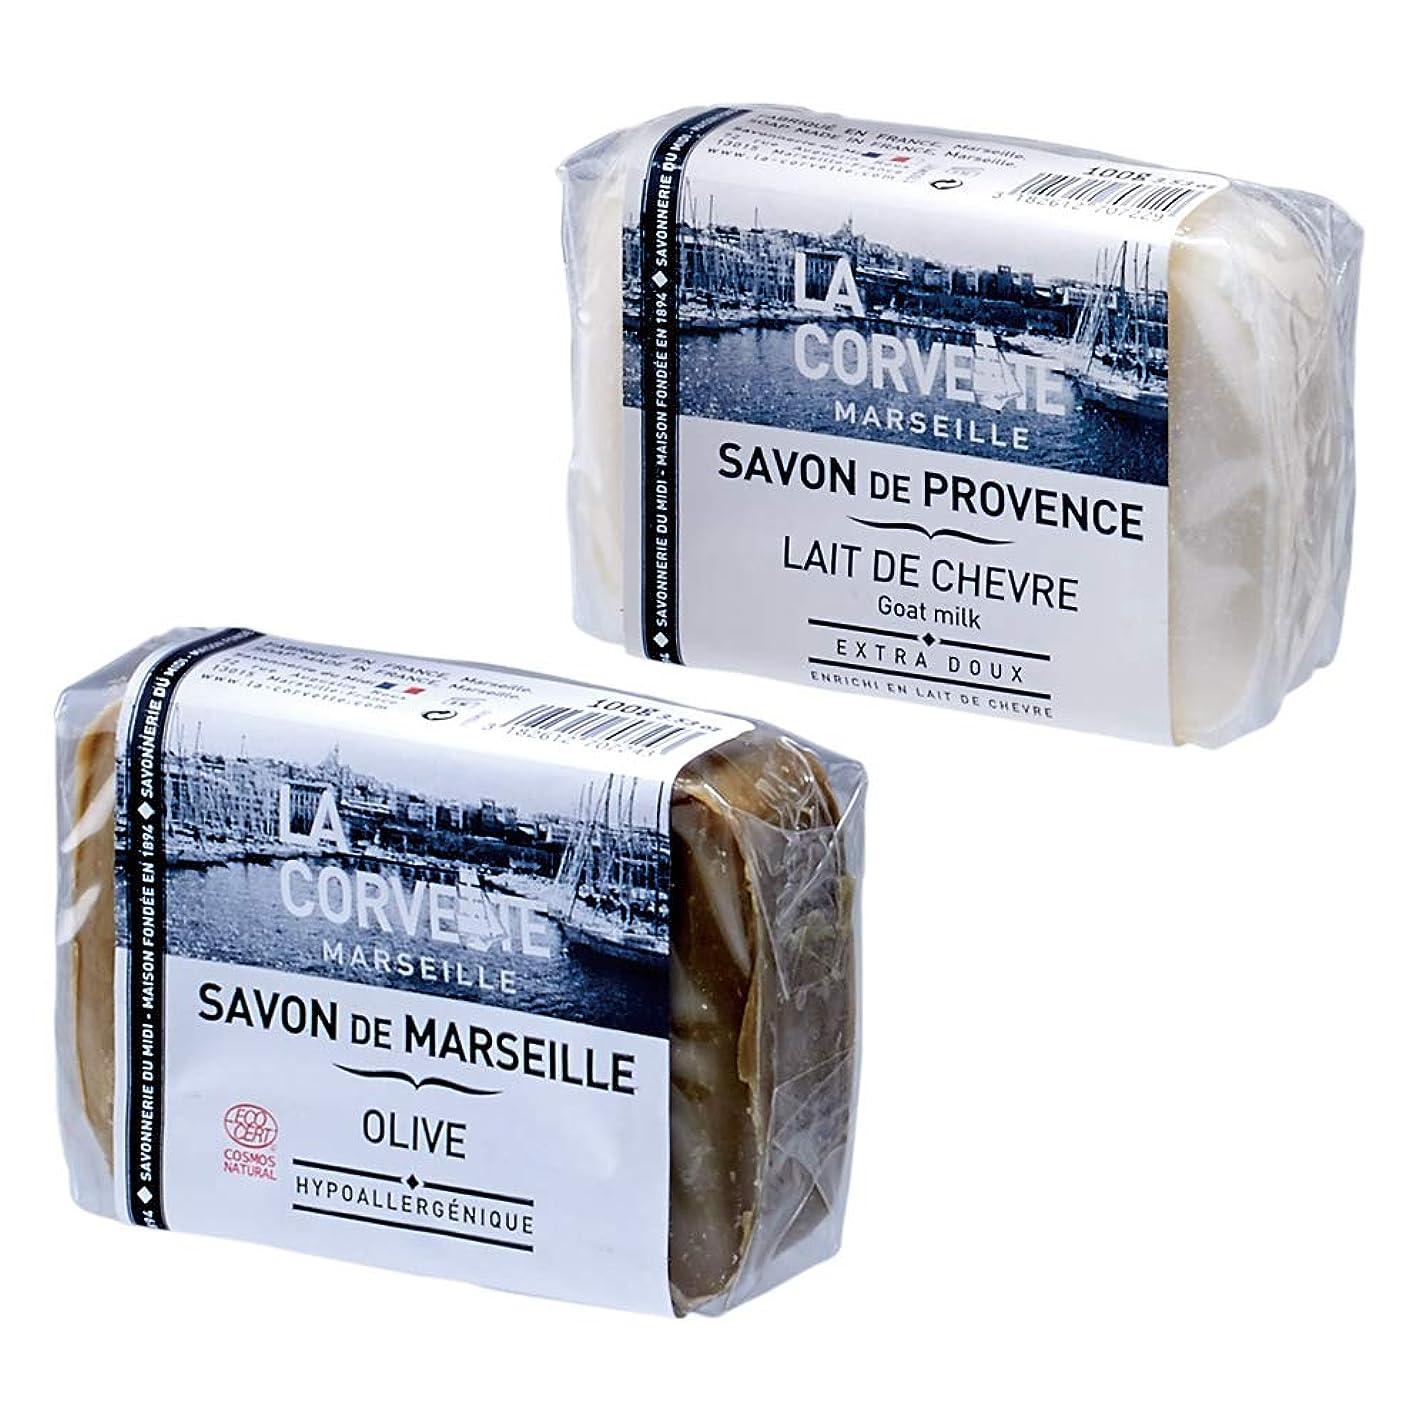 亡命データ笑いフランスお土産 マルセイユ石けん 2種セット オリーブ&ゴートミルク 2種セット